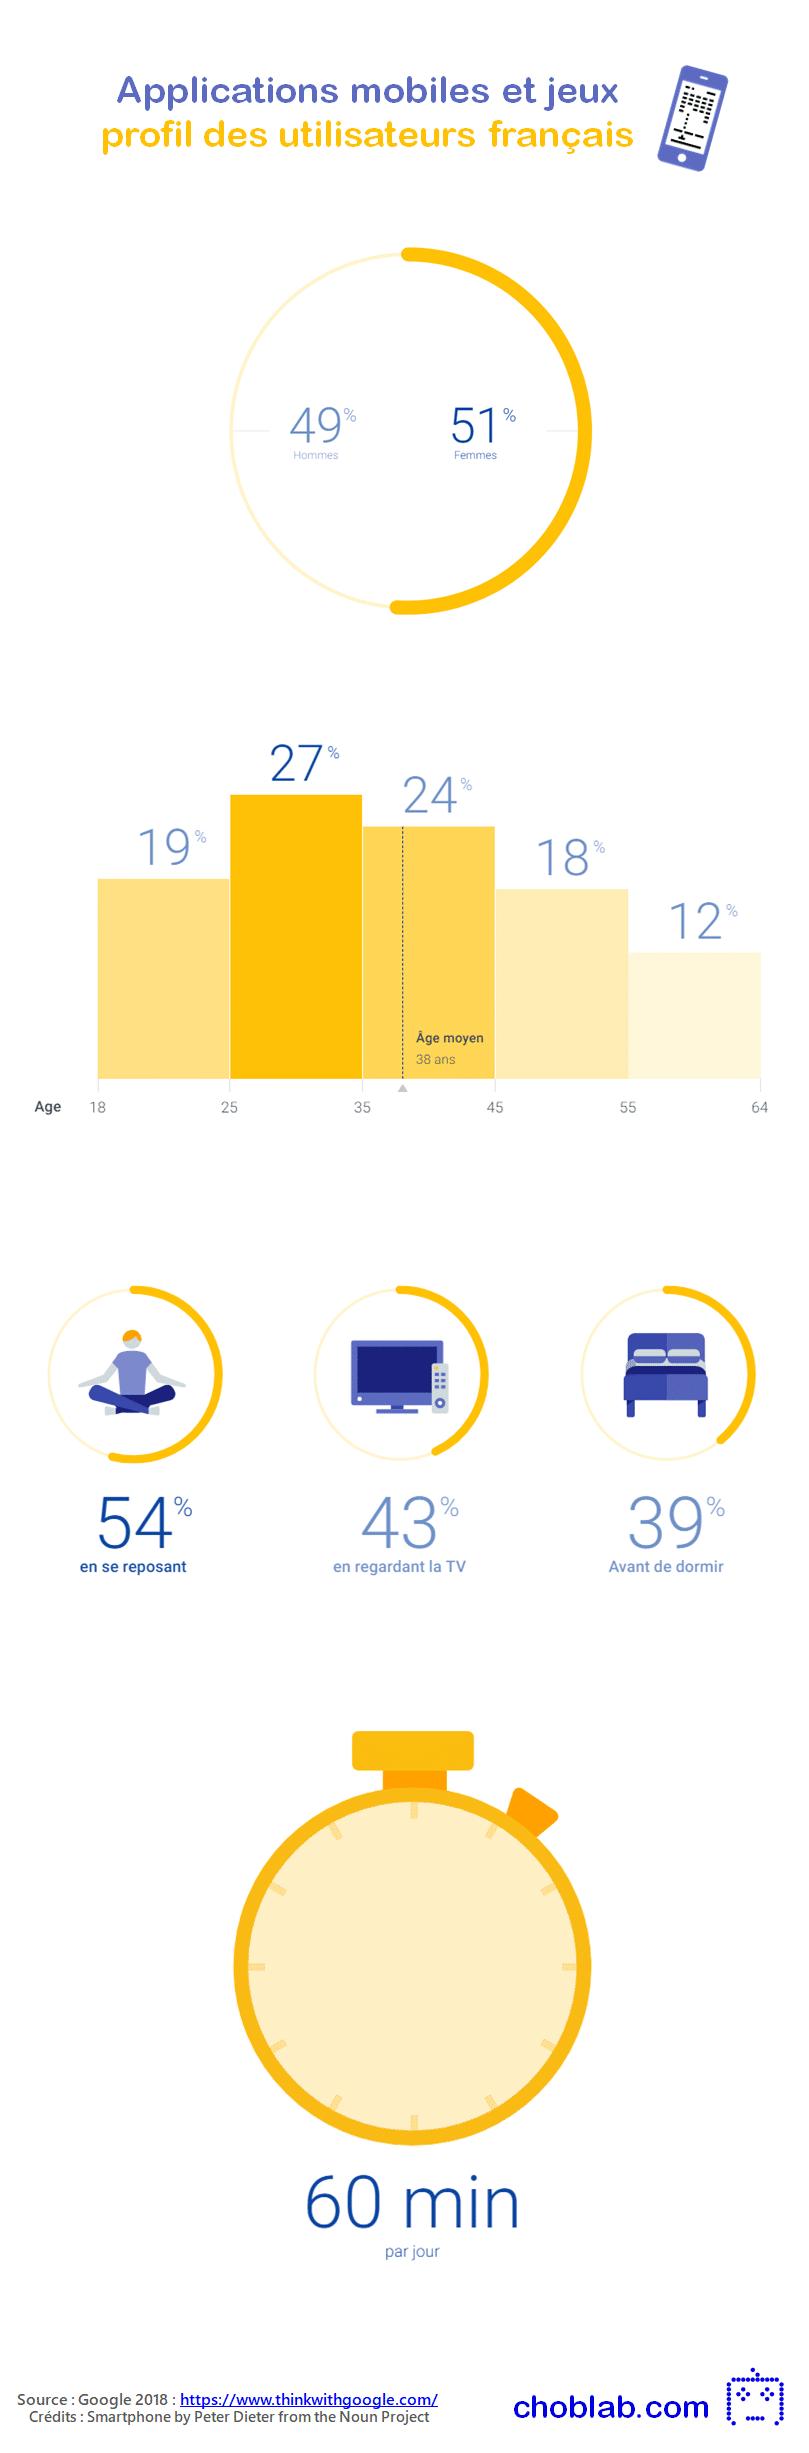 Applications mobiles et jeux : profil des utilisateurs français #infographie